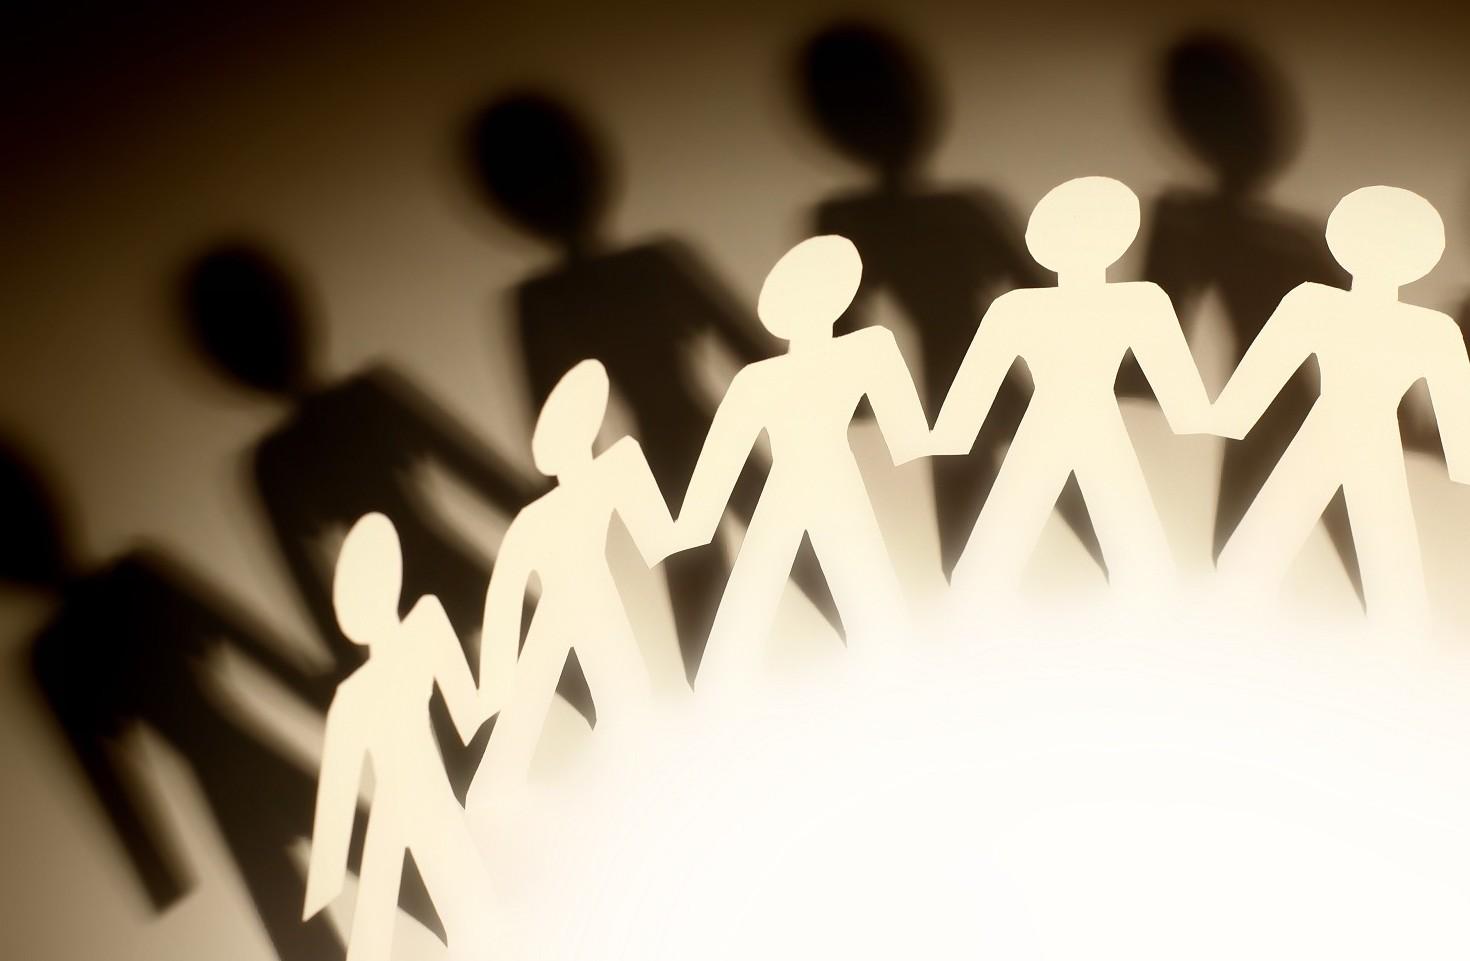 Aprire società Sas come fare. Costi costituzione notaio, annuali e gestione